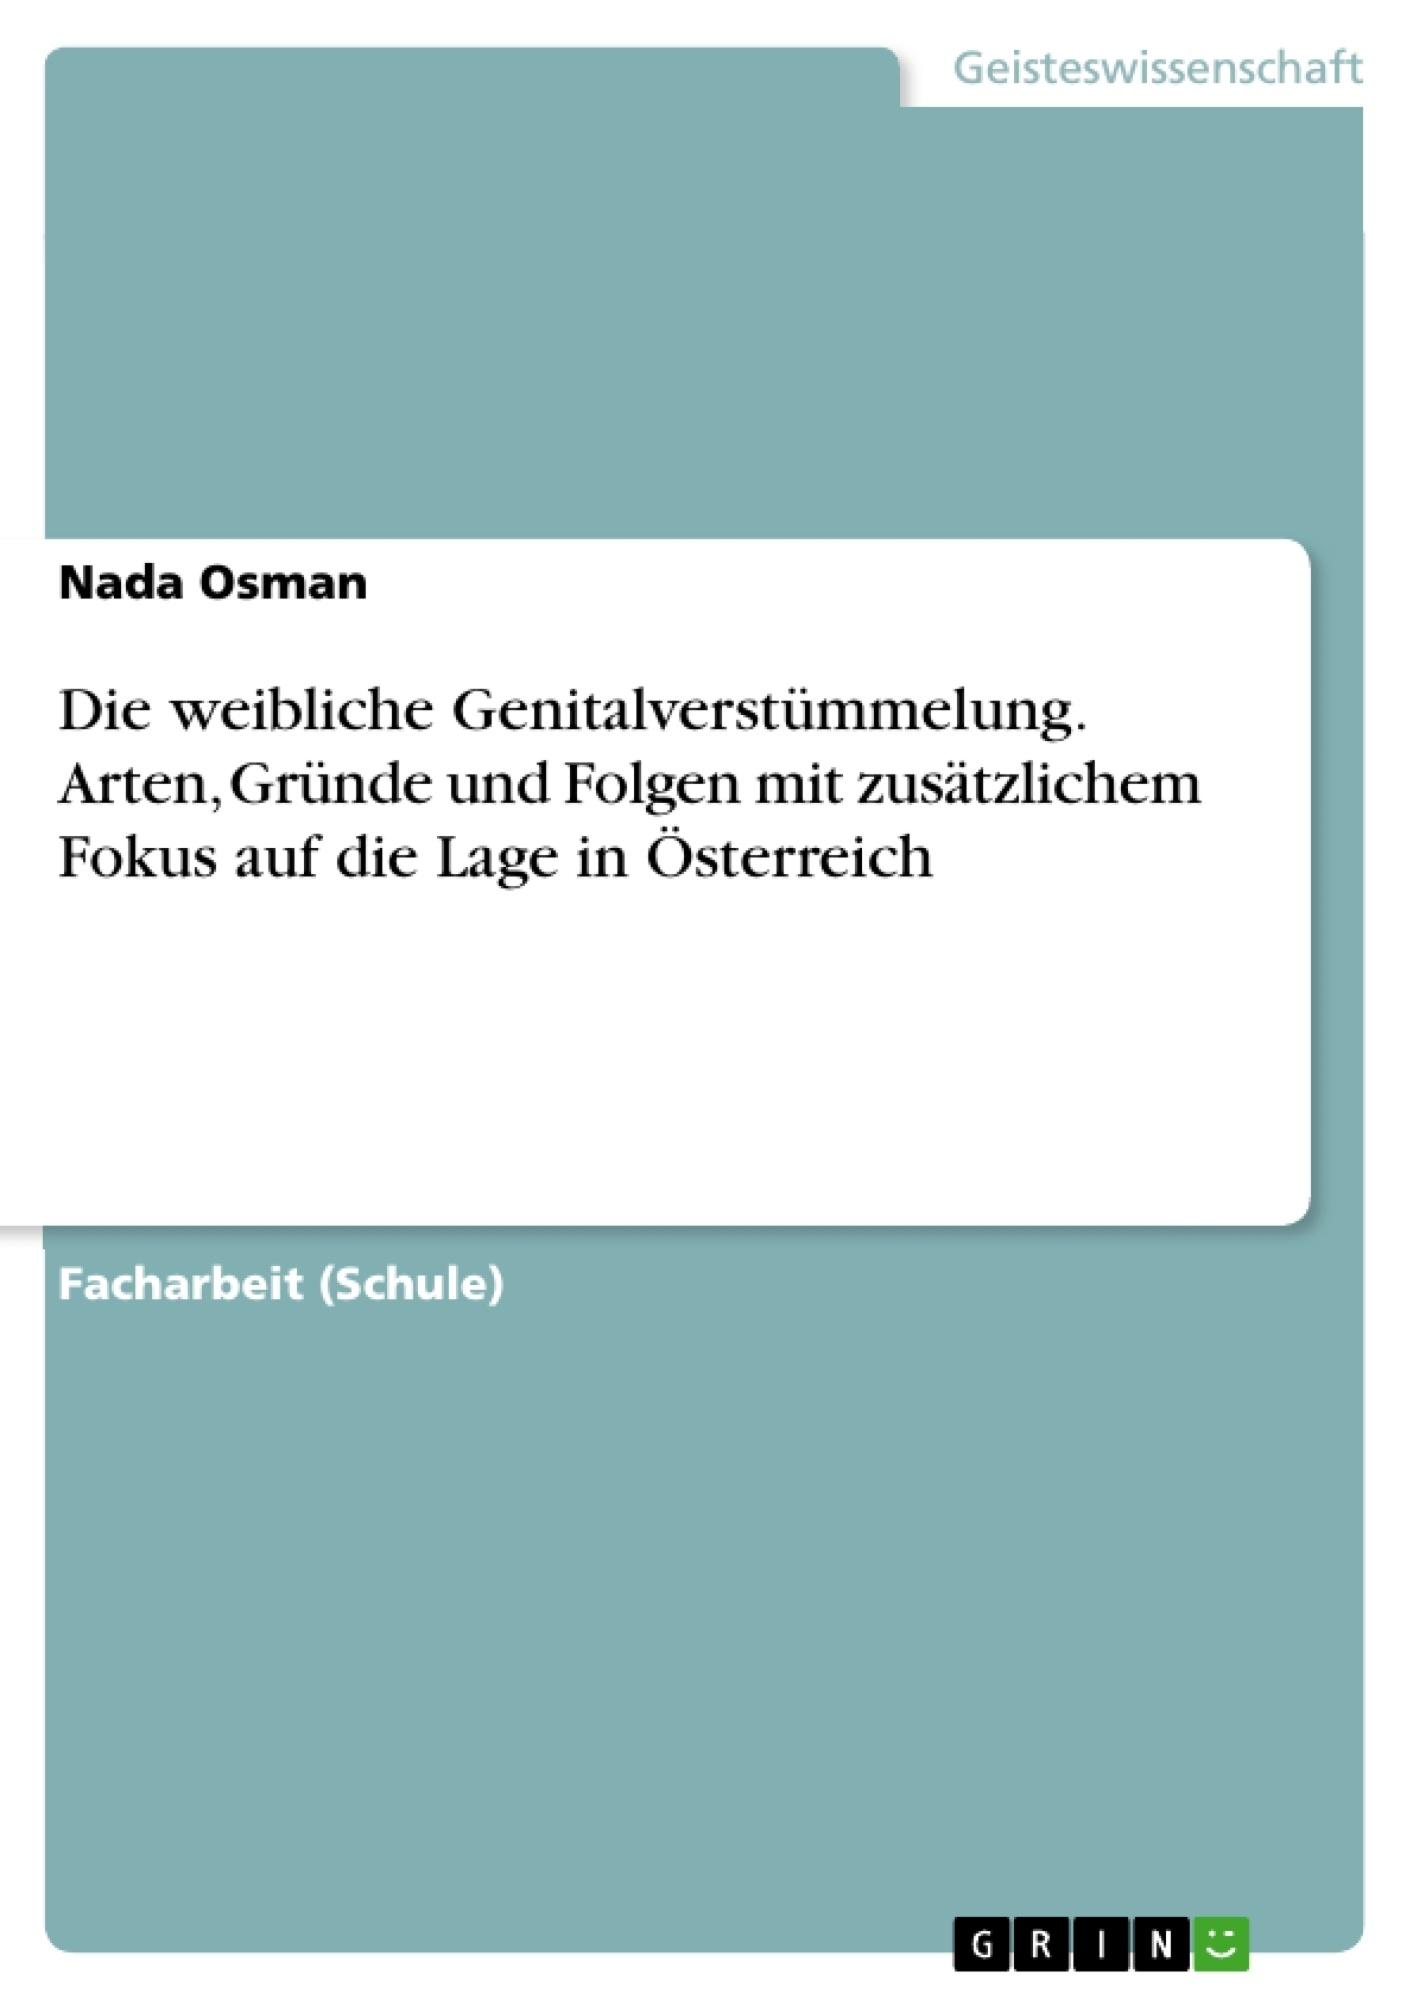 Titel: Die weibliche Genitalverstümmelung. Arten, Gründe und Folgen mit zusätzlichem Fokus auf die Lage in Österreich